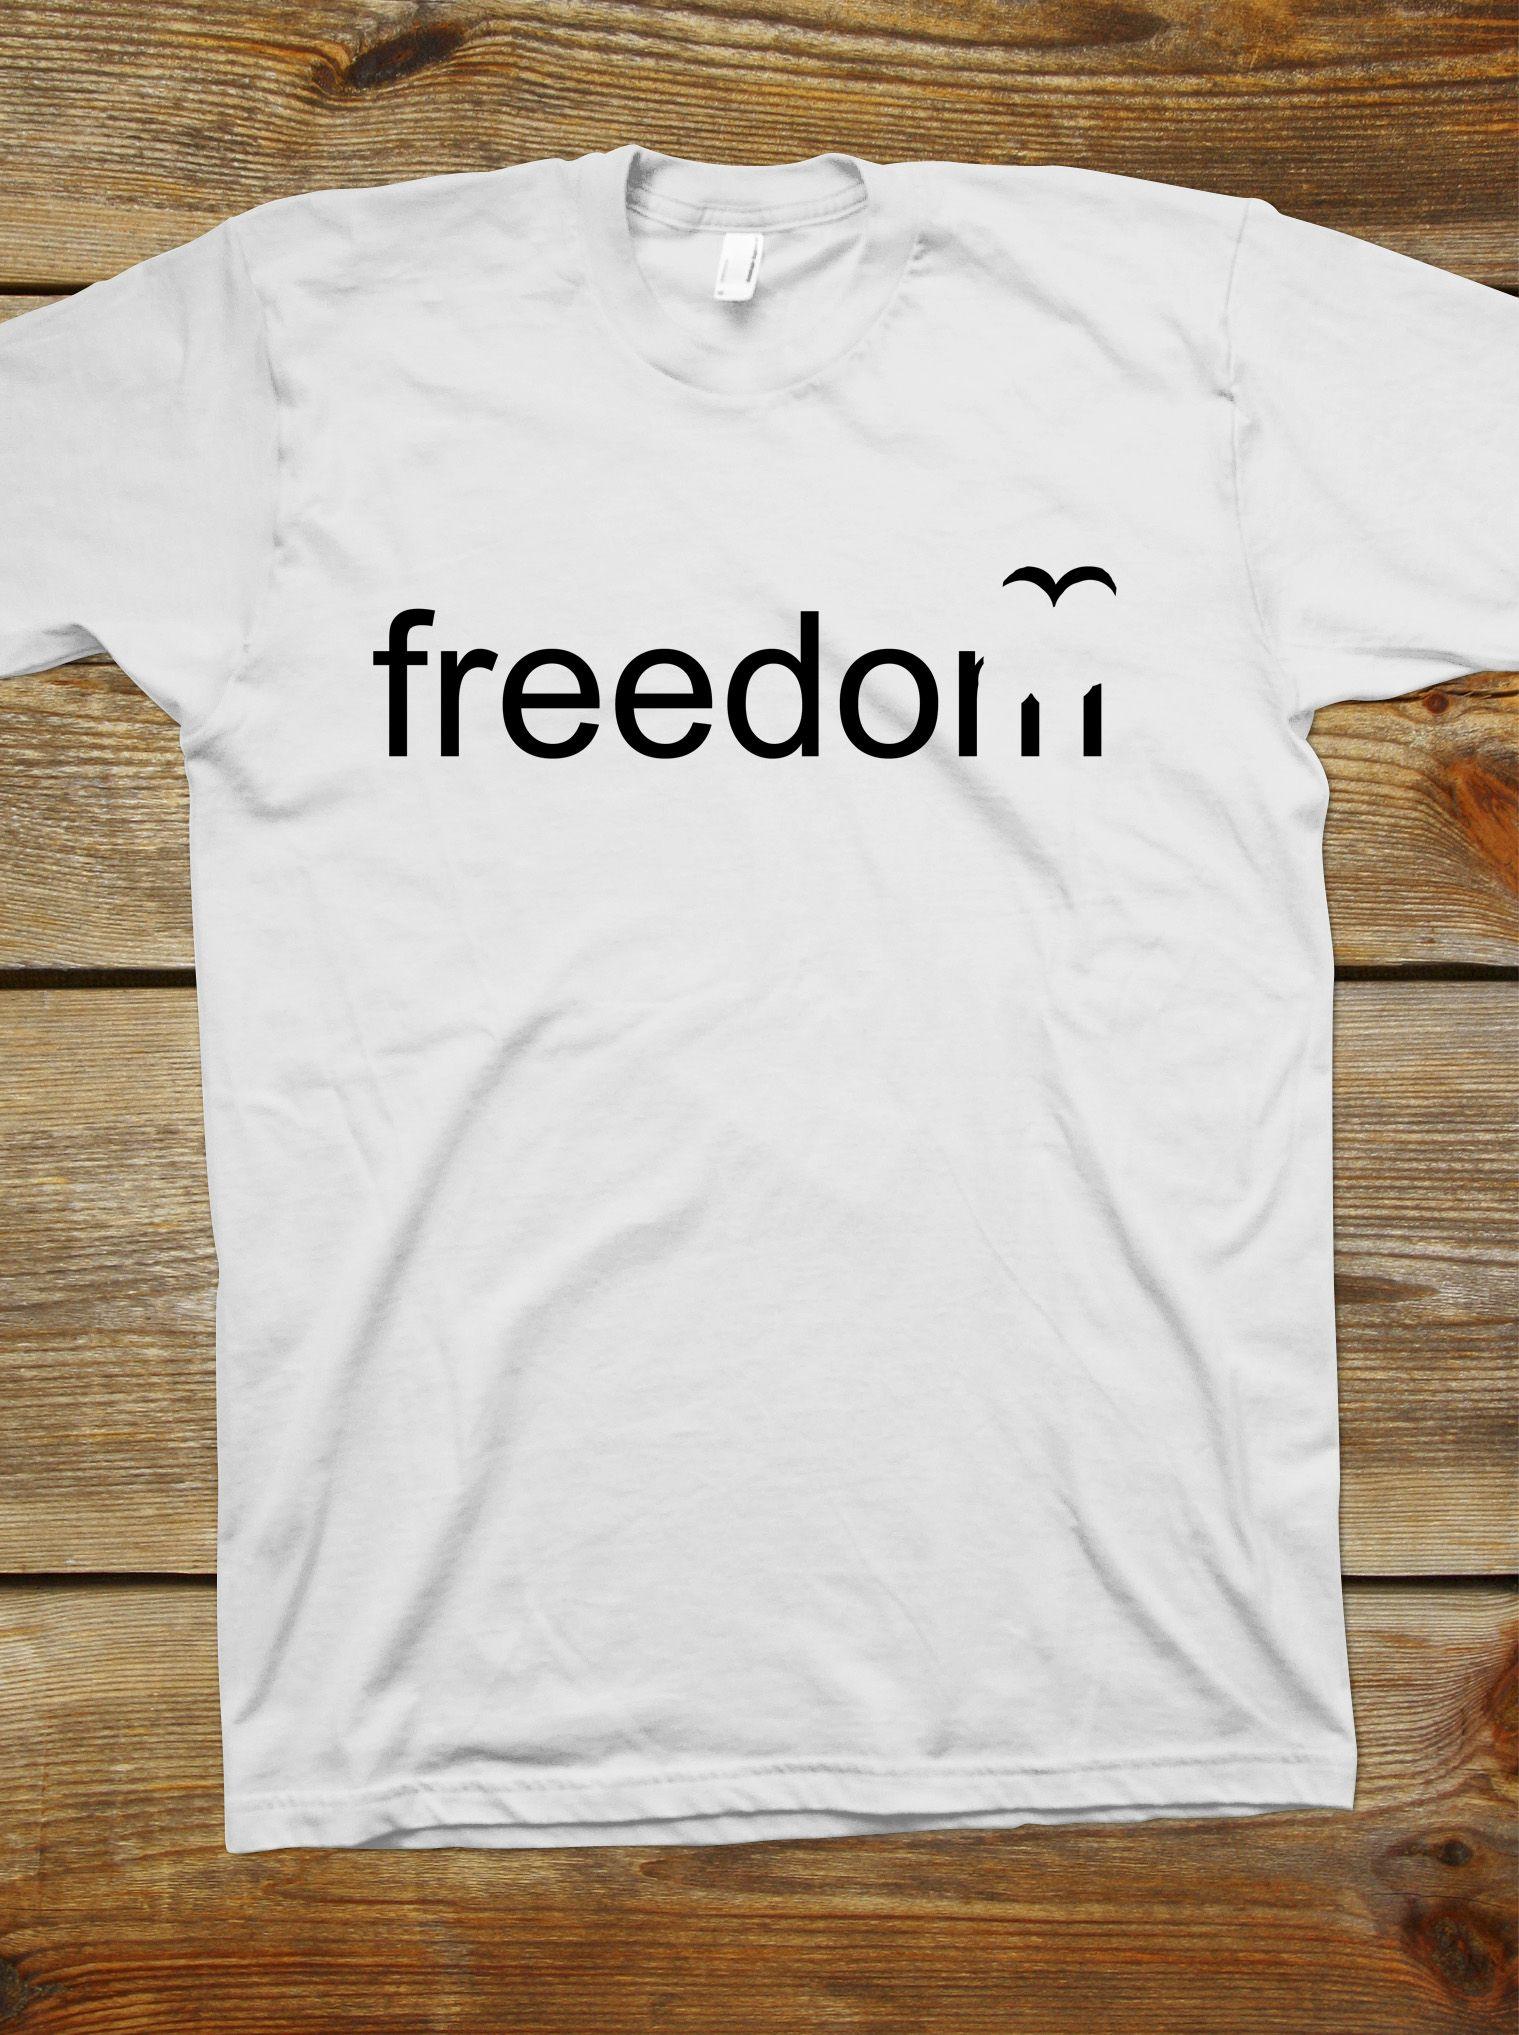 Freedom T Shirt Zazzle Com Camisetas Geniales Camisetas